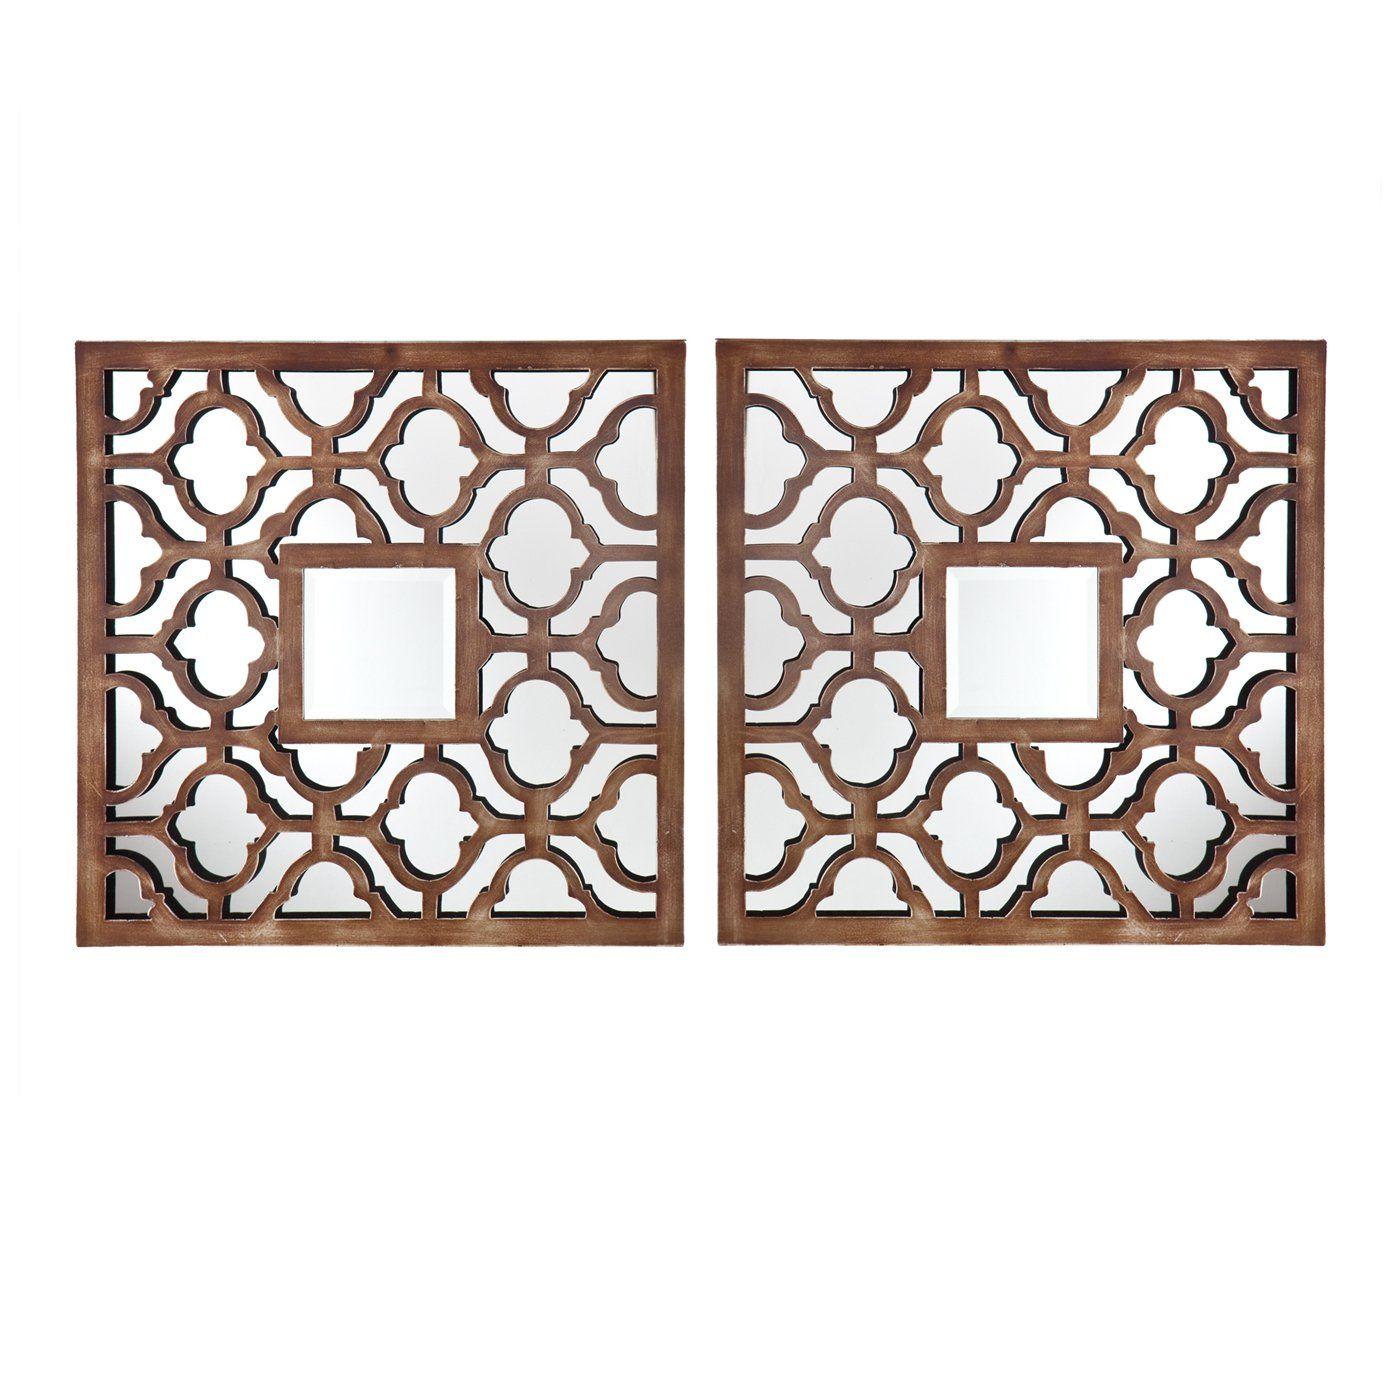 Boston Loft Furnishings ATG4199 Tira Decorative Mirror Set